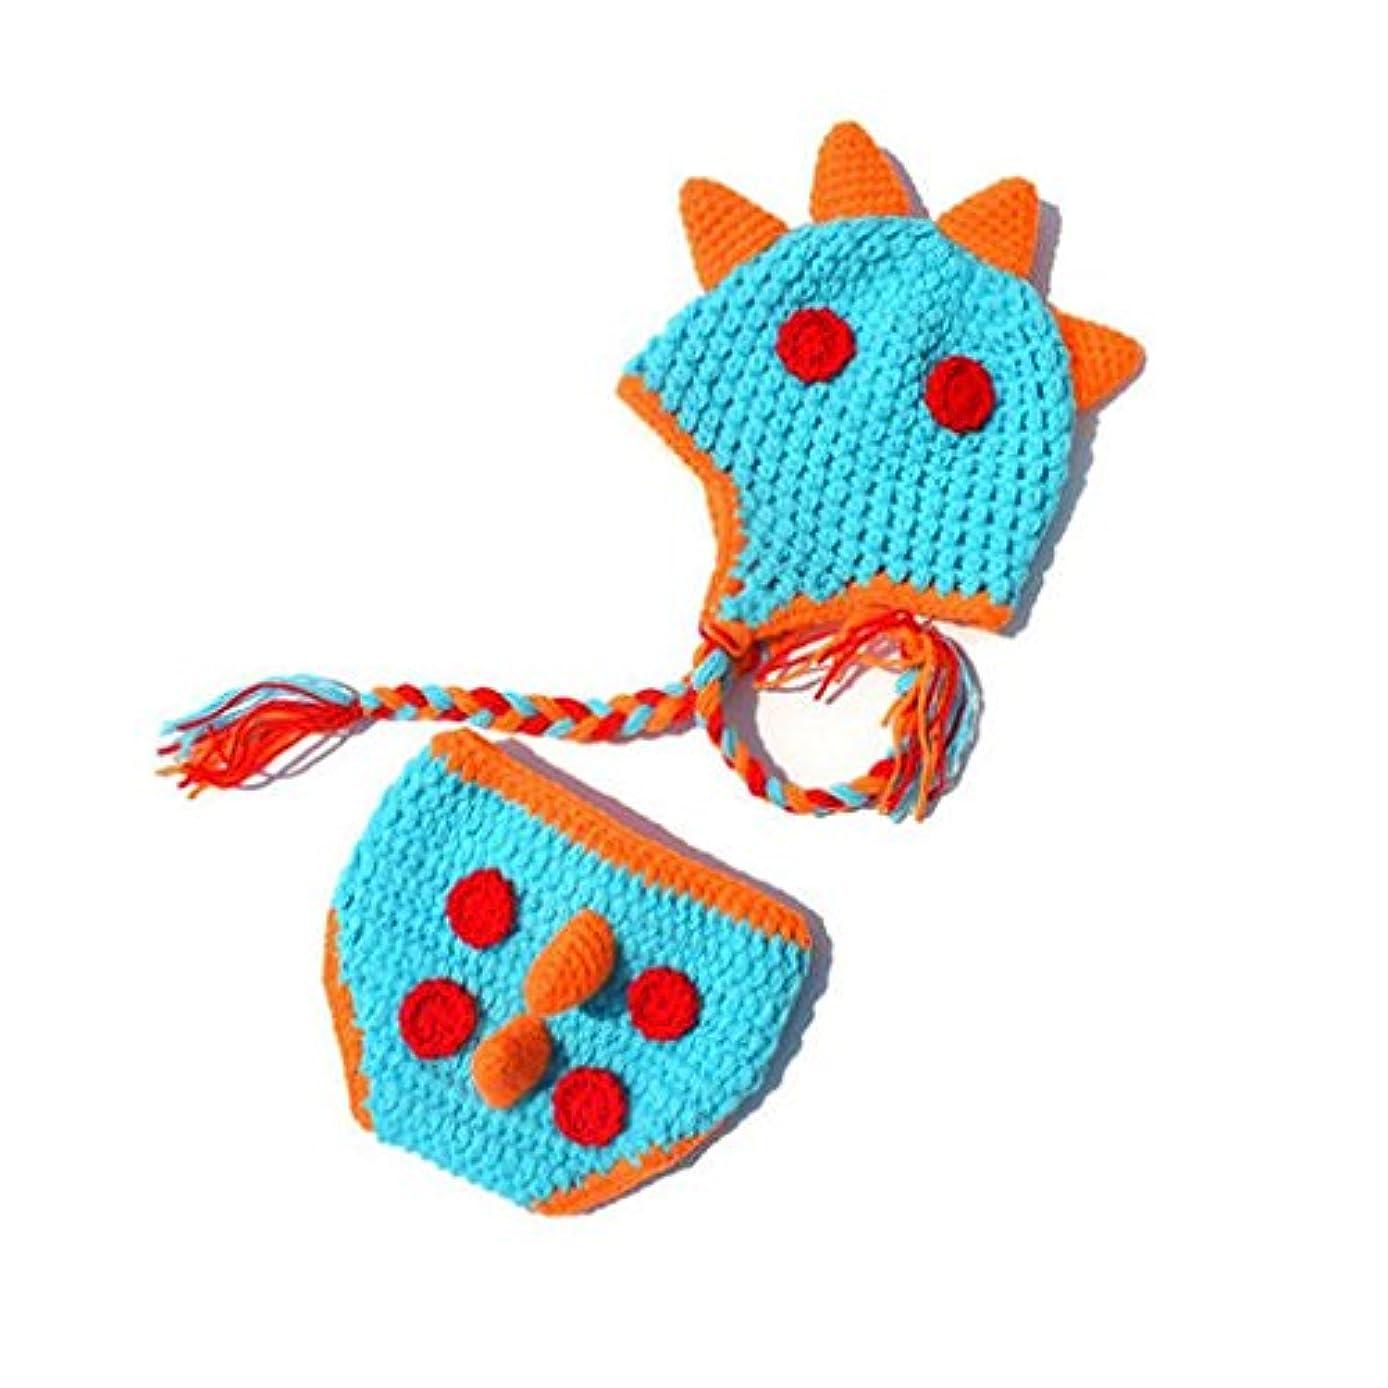 理由メディックリラックスしたDavcor Moring ベビー用着ぐるみ コスチューム 寝相アート 手編み感 新生児 赤ちゃん ヘアバンド付き 出産祝い 小恐竜